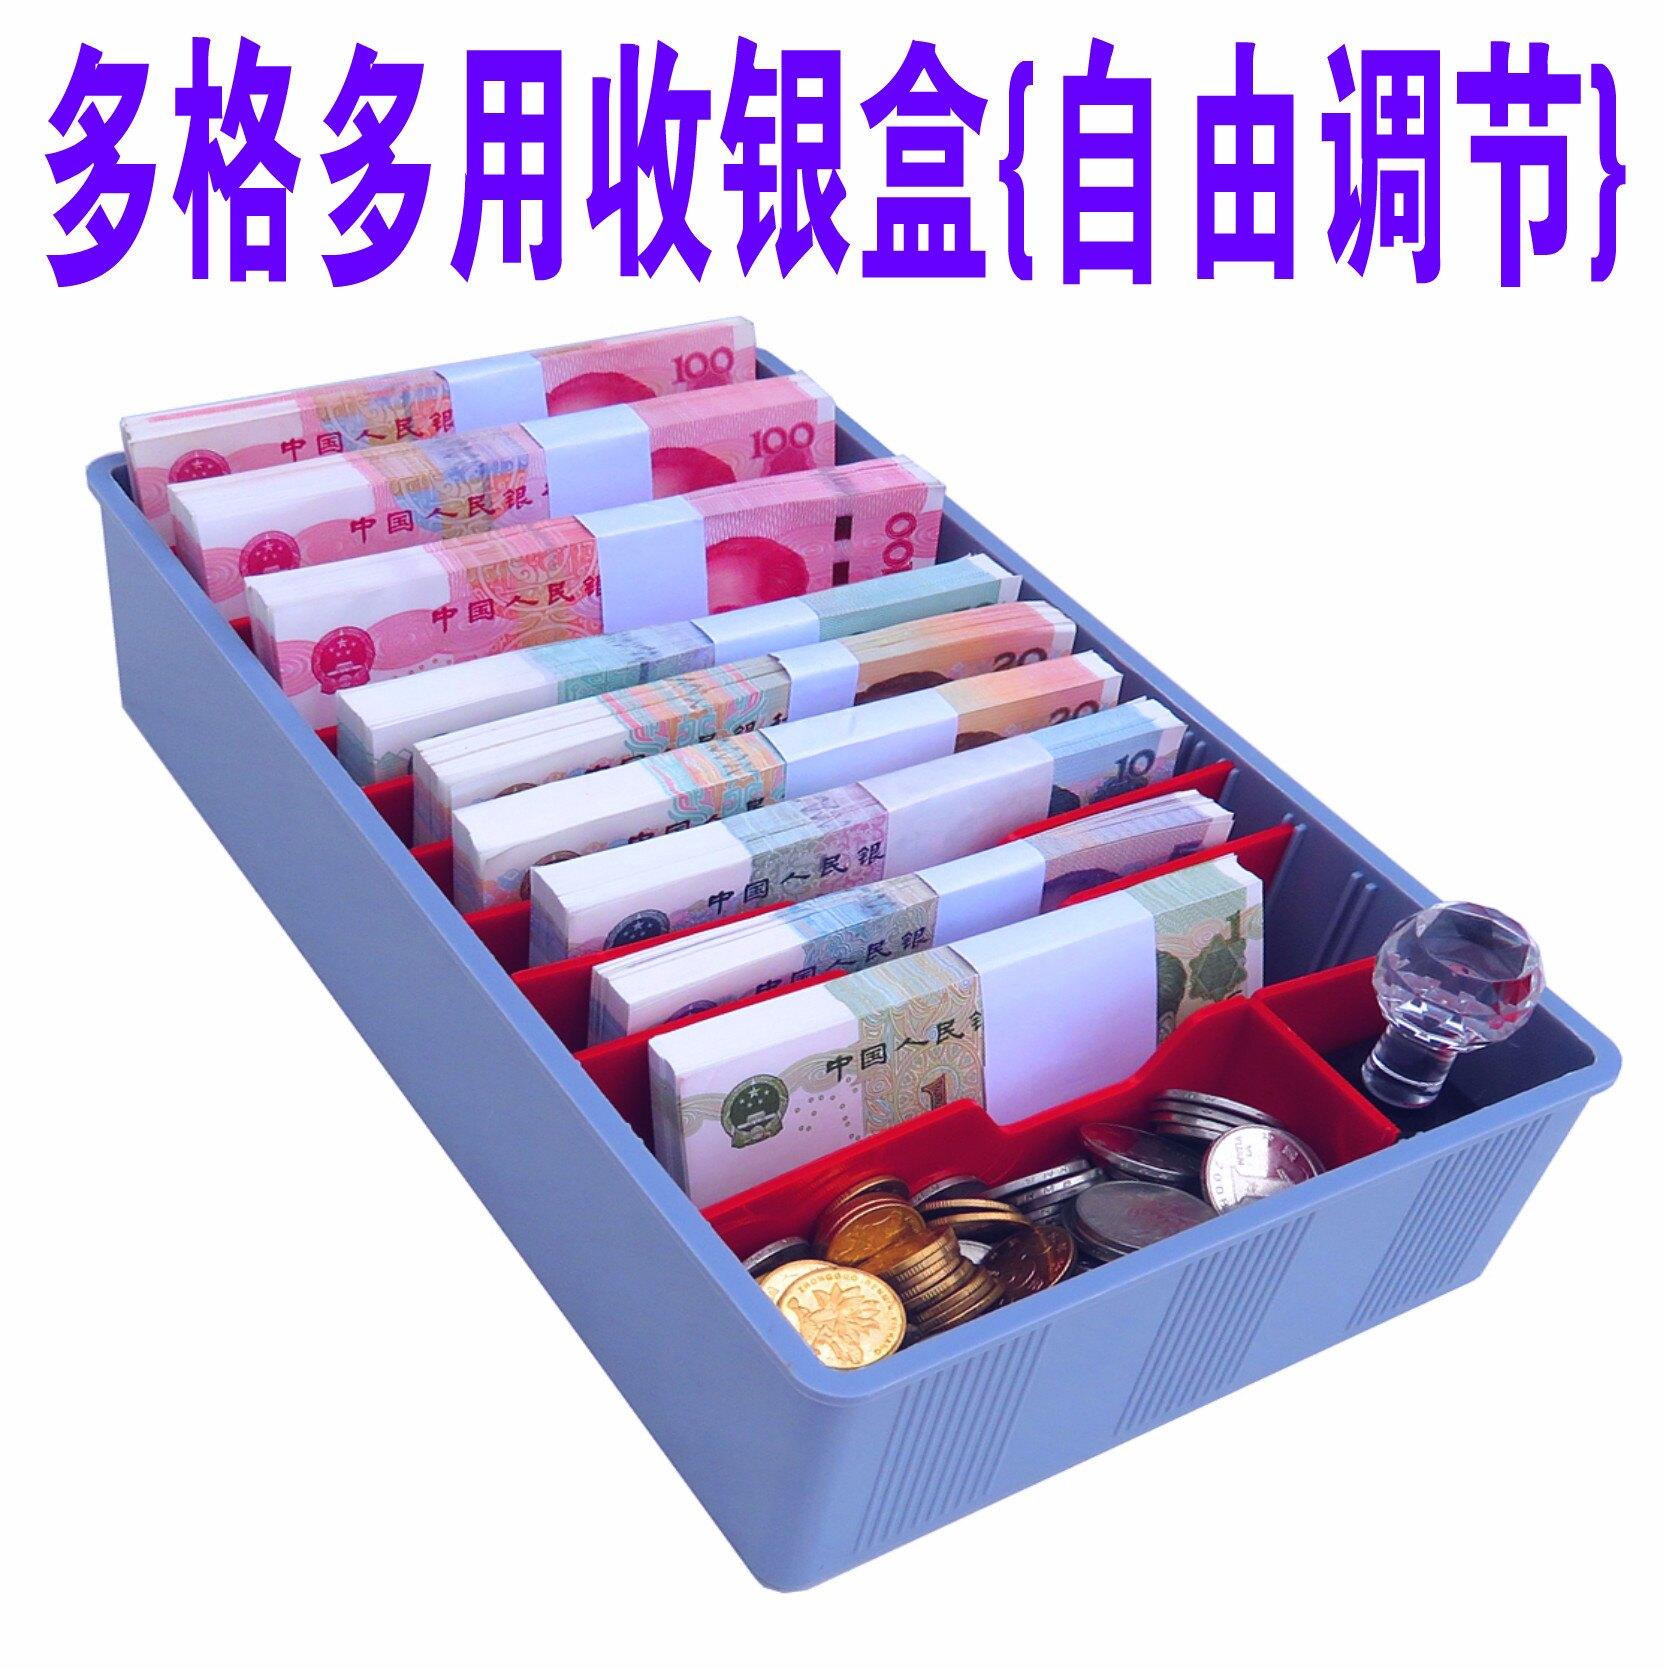 收銀盒 收銀箱 多格收銀盒 超市收銀箱 收款盒 收錢盒 現金盒硬幣盒桌面零錢收納『CM43222』